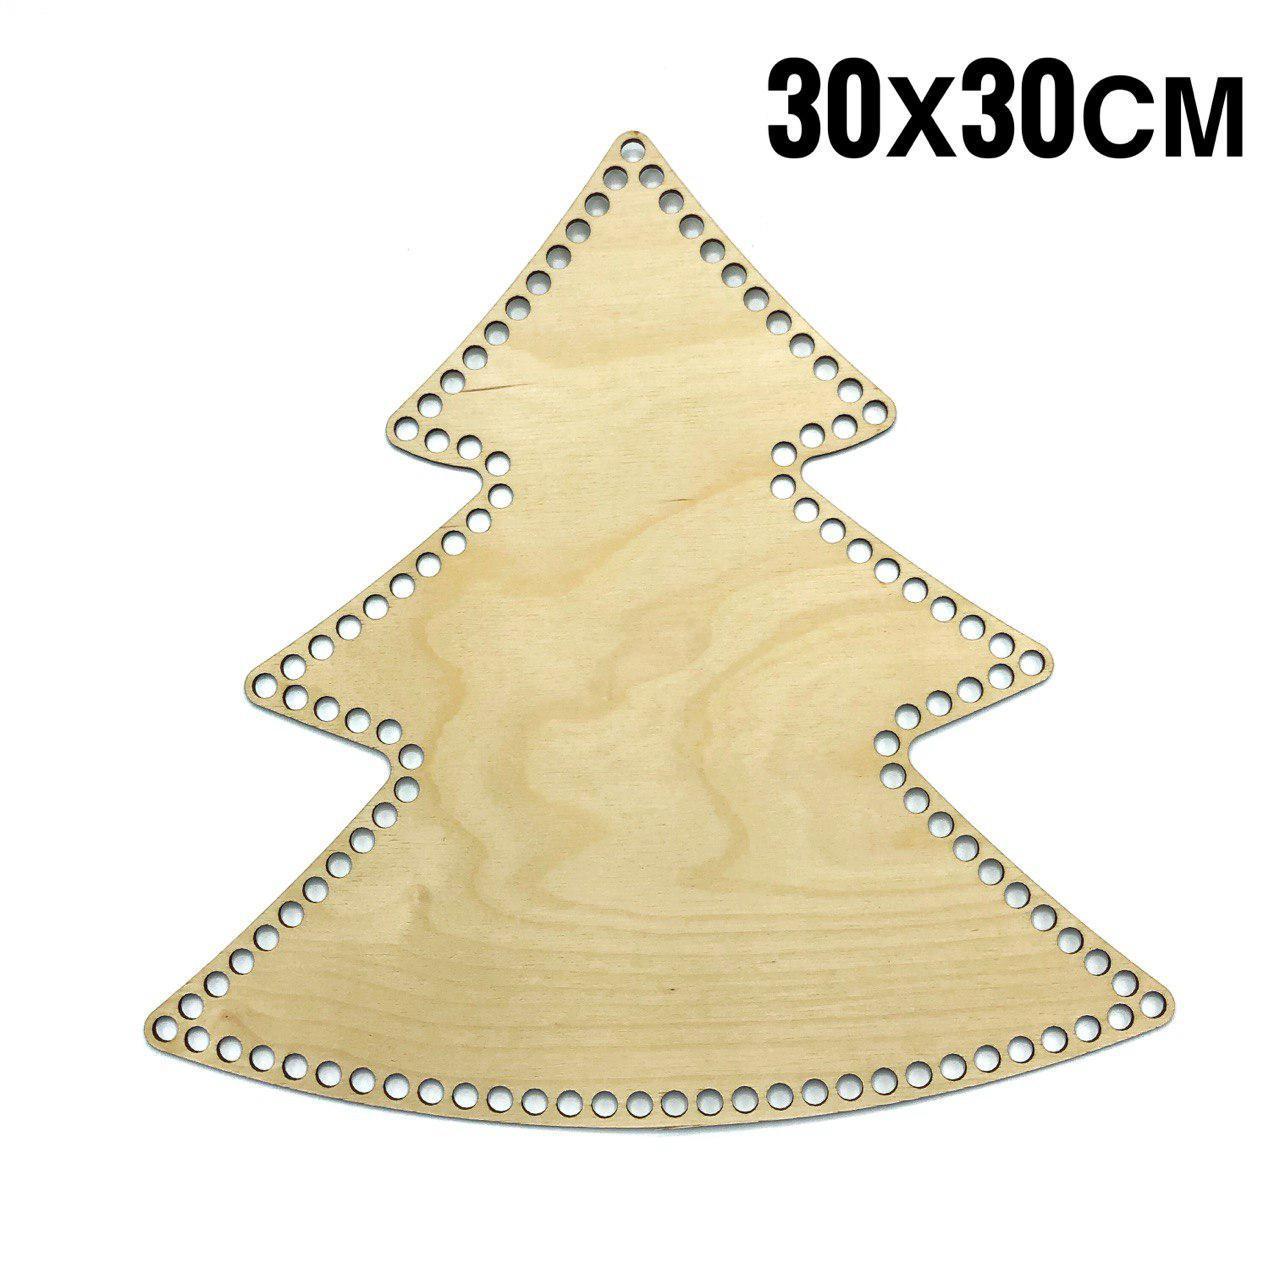 Дерев'яне Дно Ялинка для плетеної корзини гладке 30 см